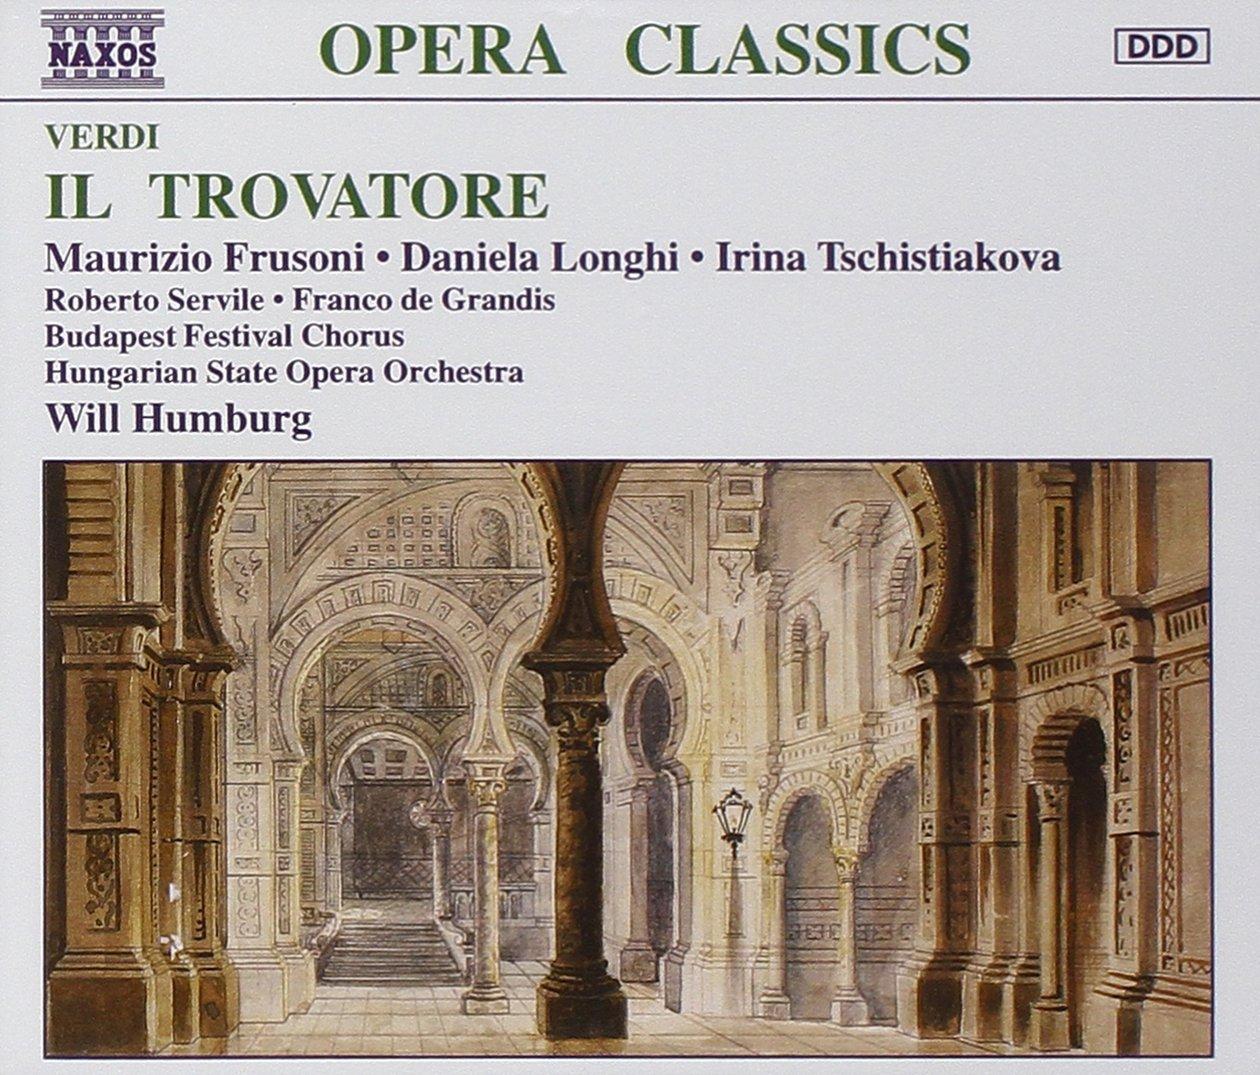 Verdi - Il Trovatore Frusoni · Longhi Tschistiakova Manufacturer Direct sale of manufacturer direct delivery Â